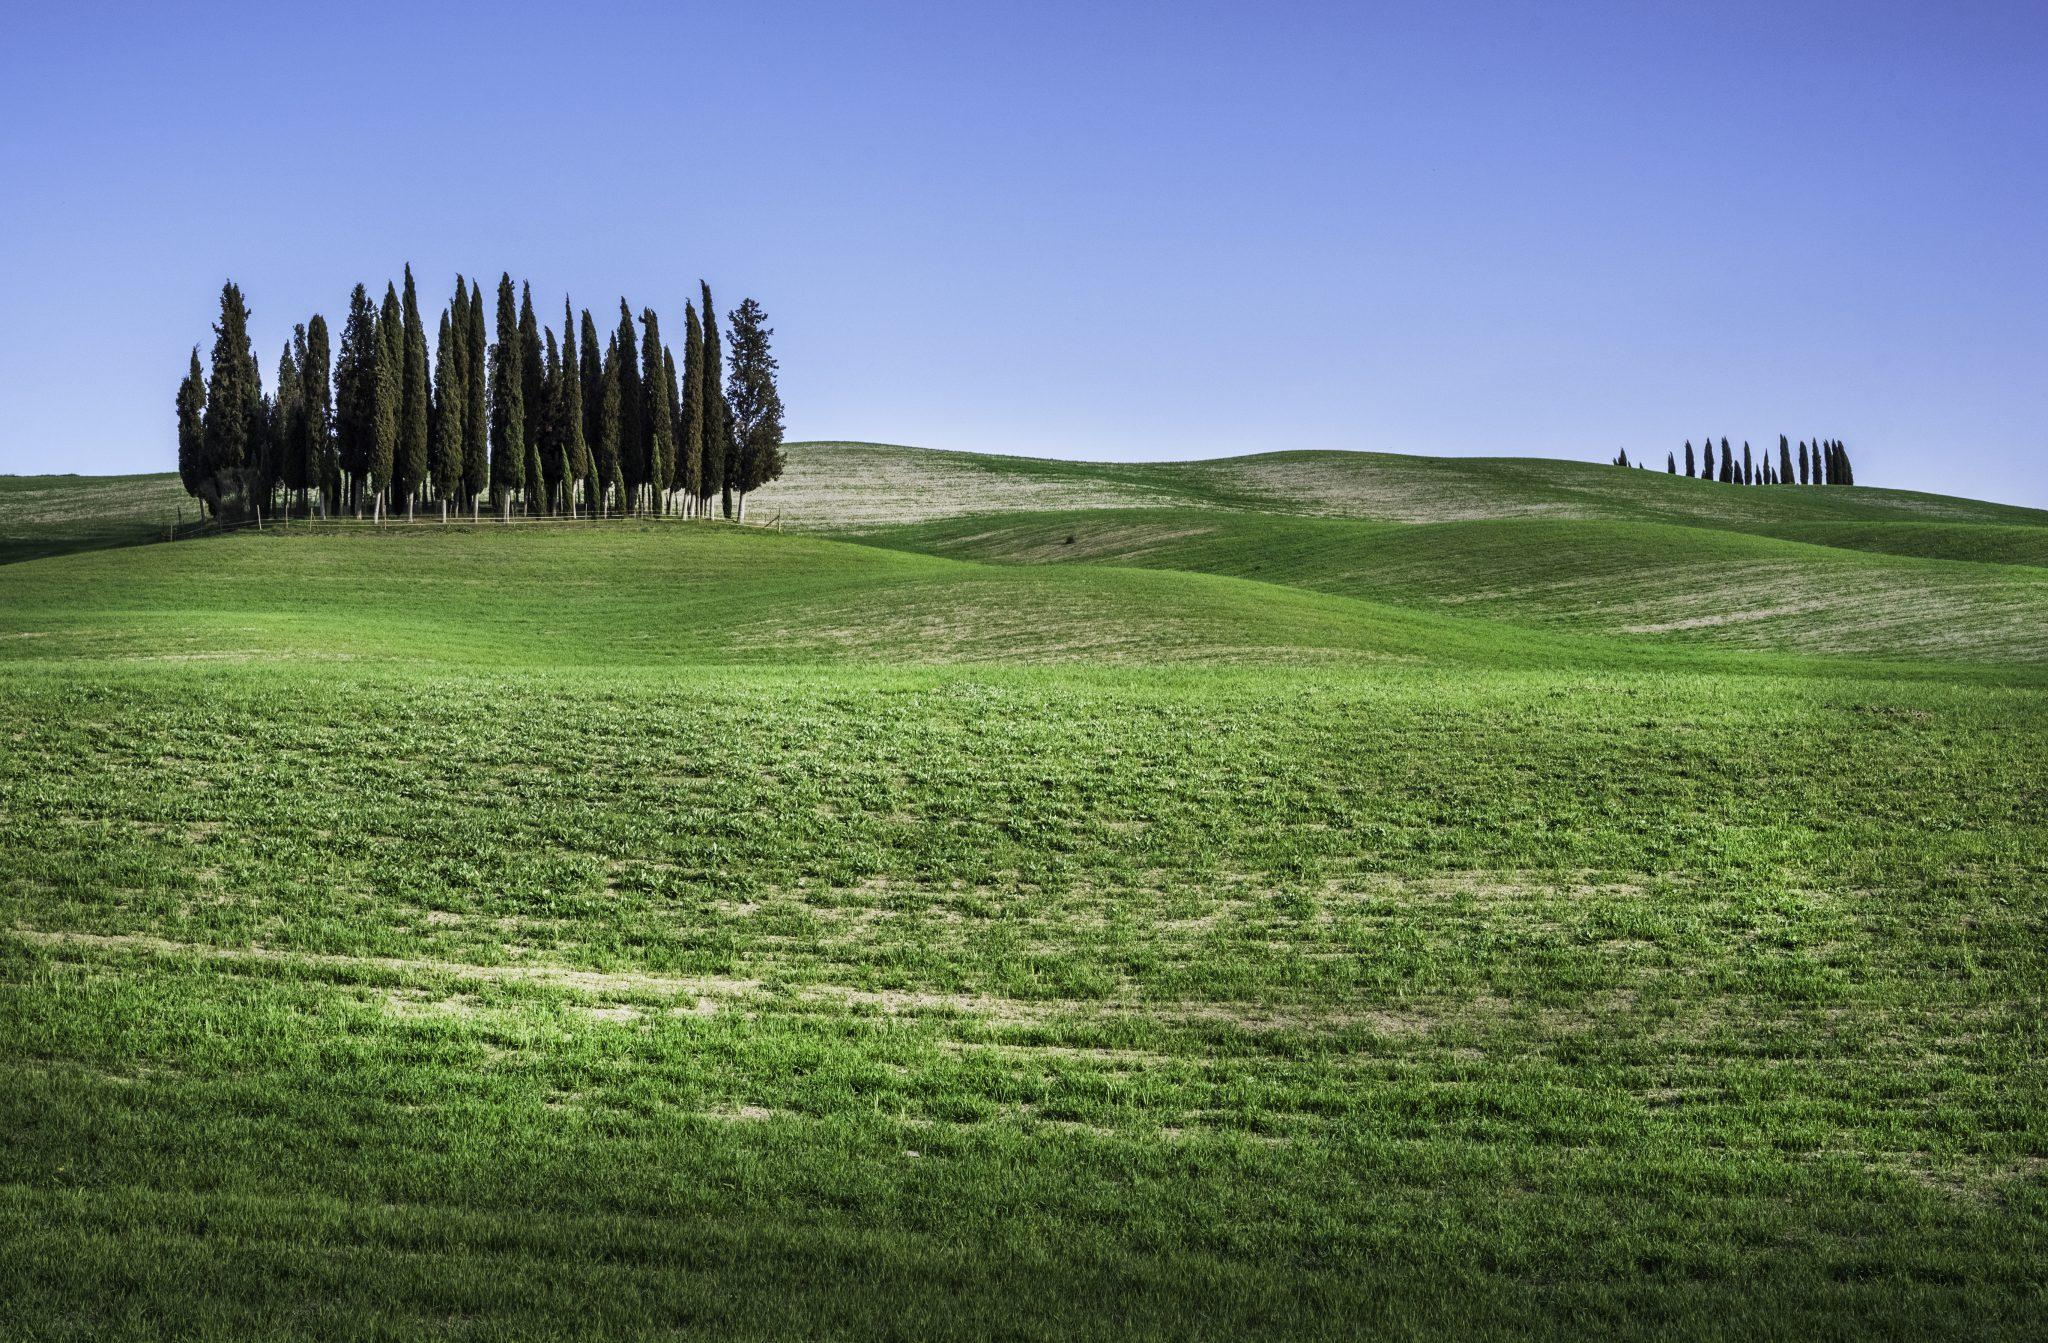 Kępka Cyprysów przydrodze doMontalcino, Toskania, Tuscany, Włochy